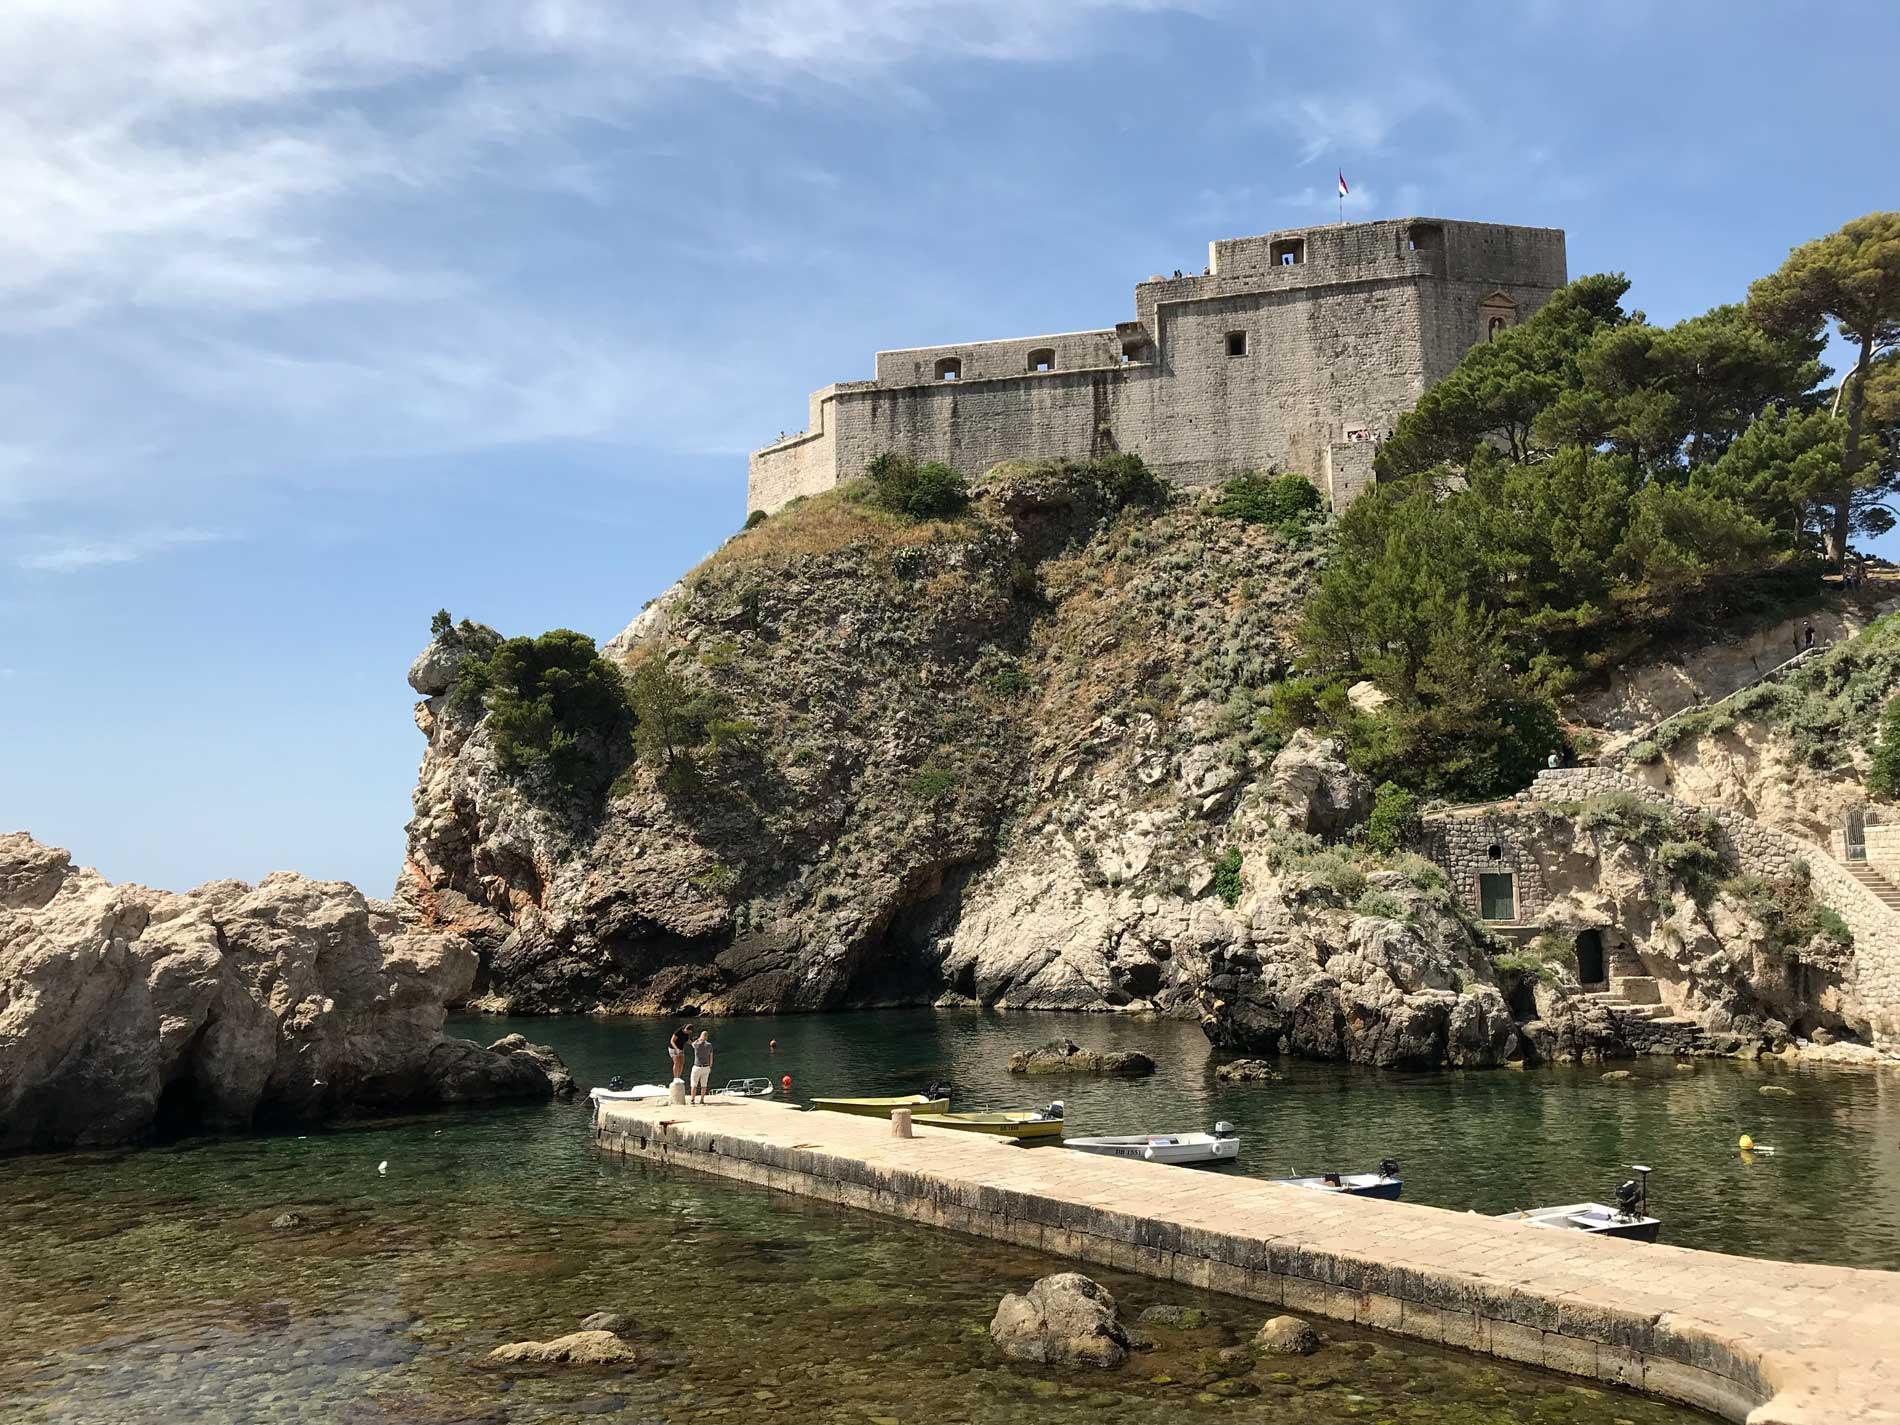 Dubrovnik-Croazia-Forte-Lovrijanec-baia-delle-acque-nere